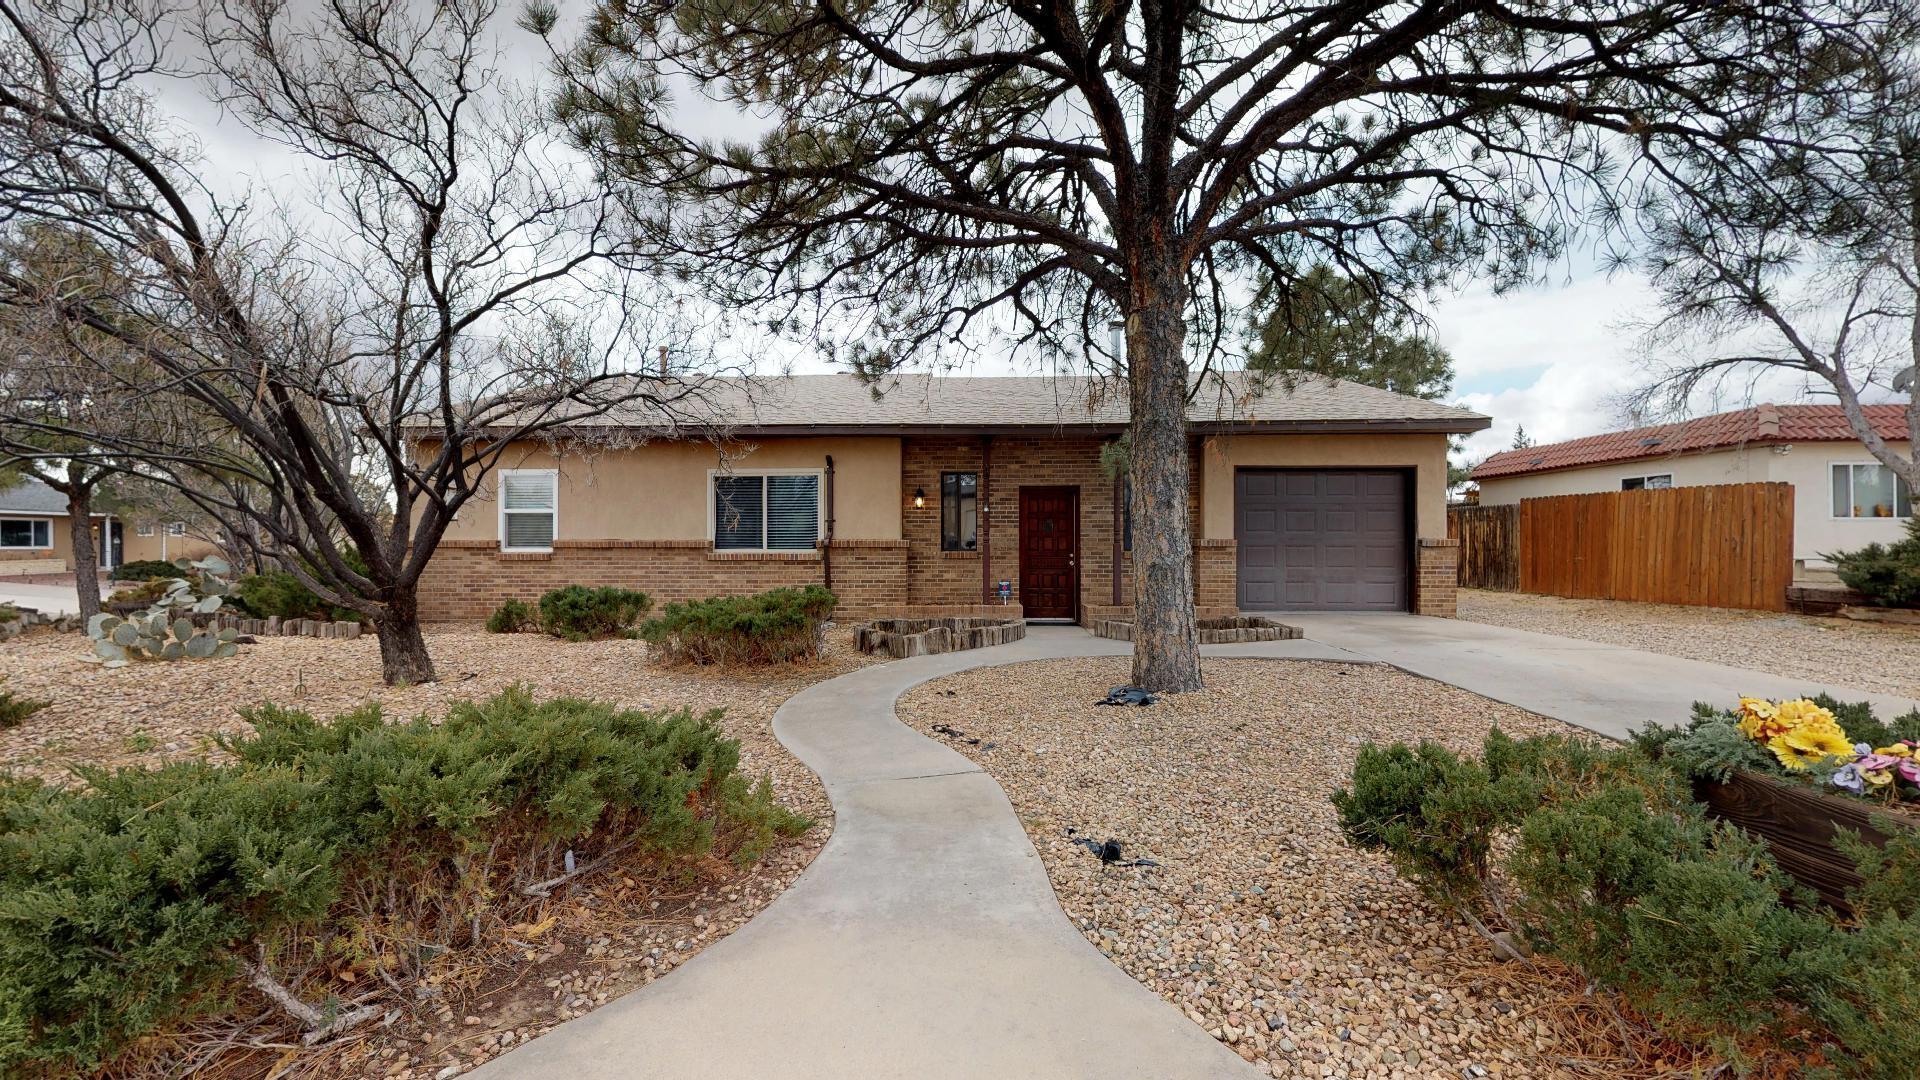 4106 SE Malaga Court, Rio Rancho in Sandoval County, NM 87124 Home for Sale